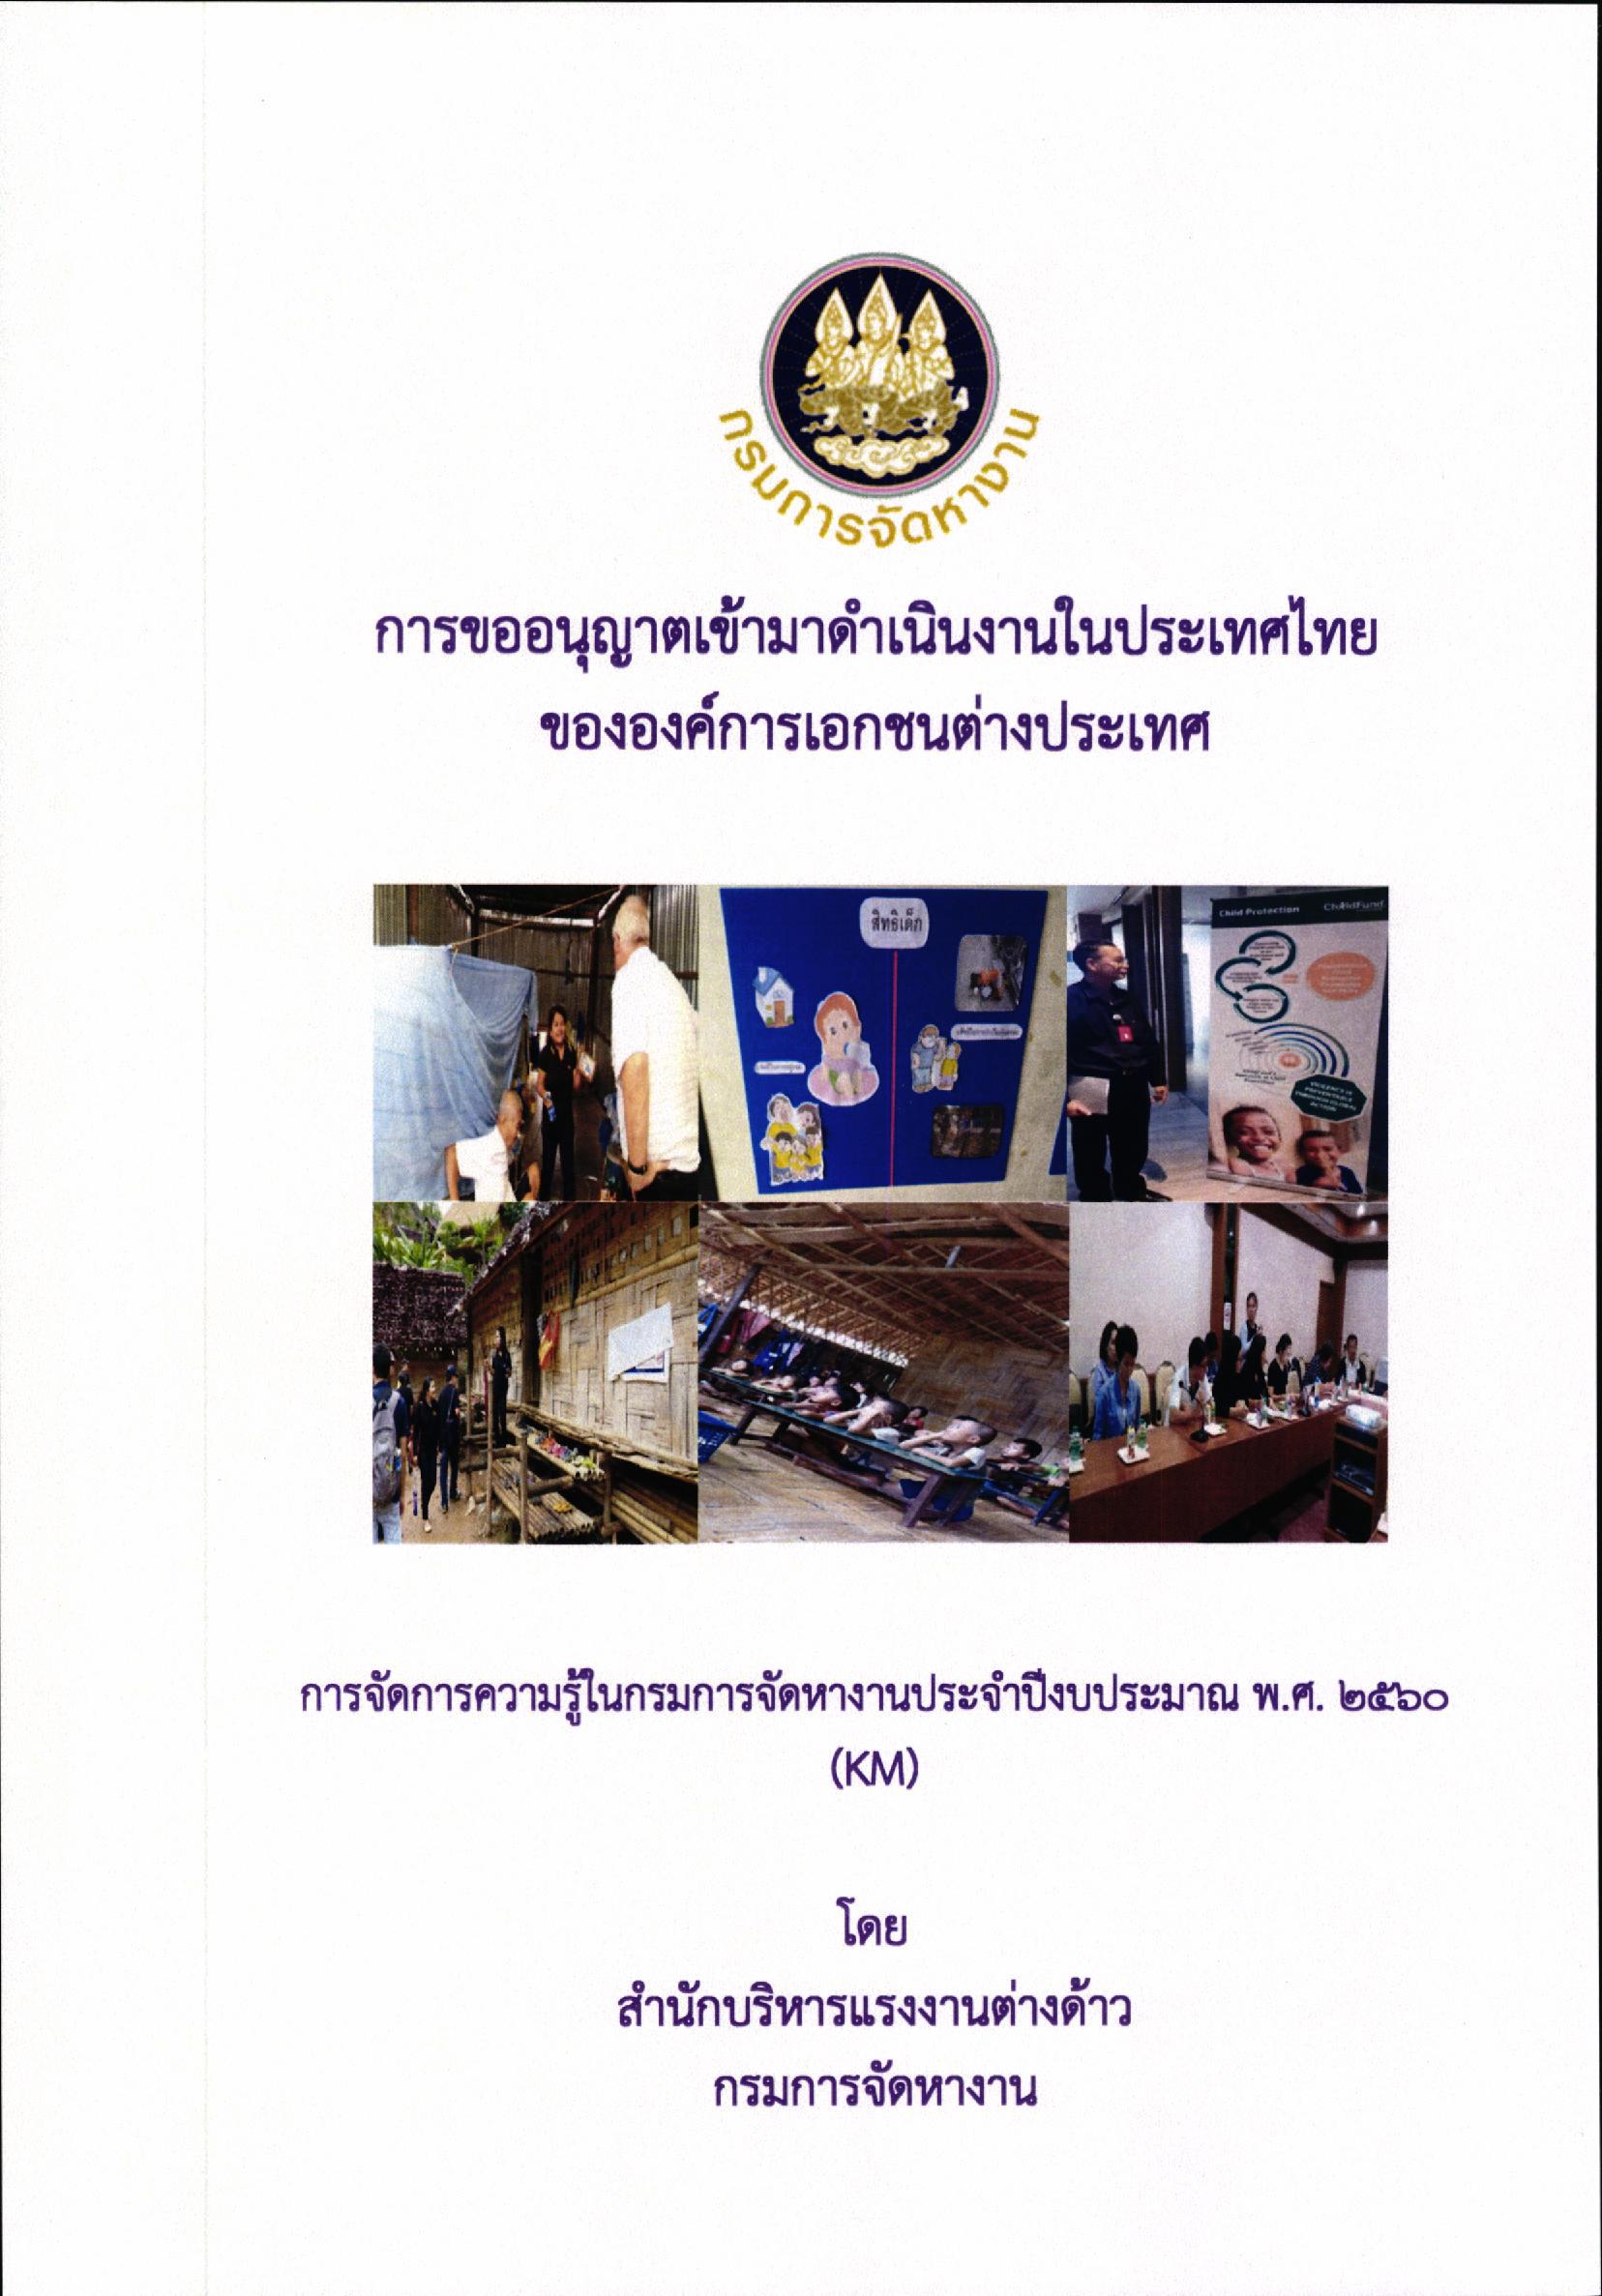 การขออนุญาตเข้ามาดำเนินงานในประเทศไทยขององค์การเอกชนต่างประเทศ